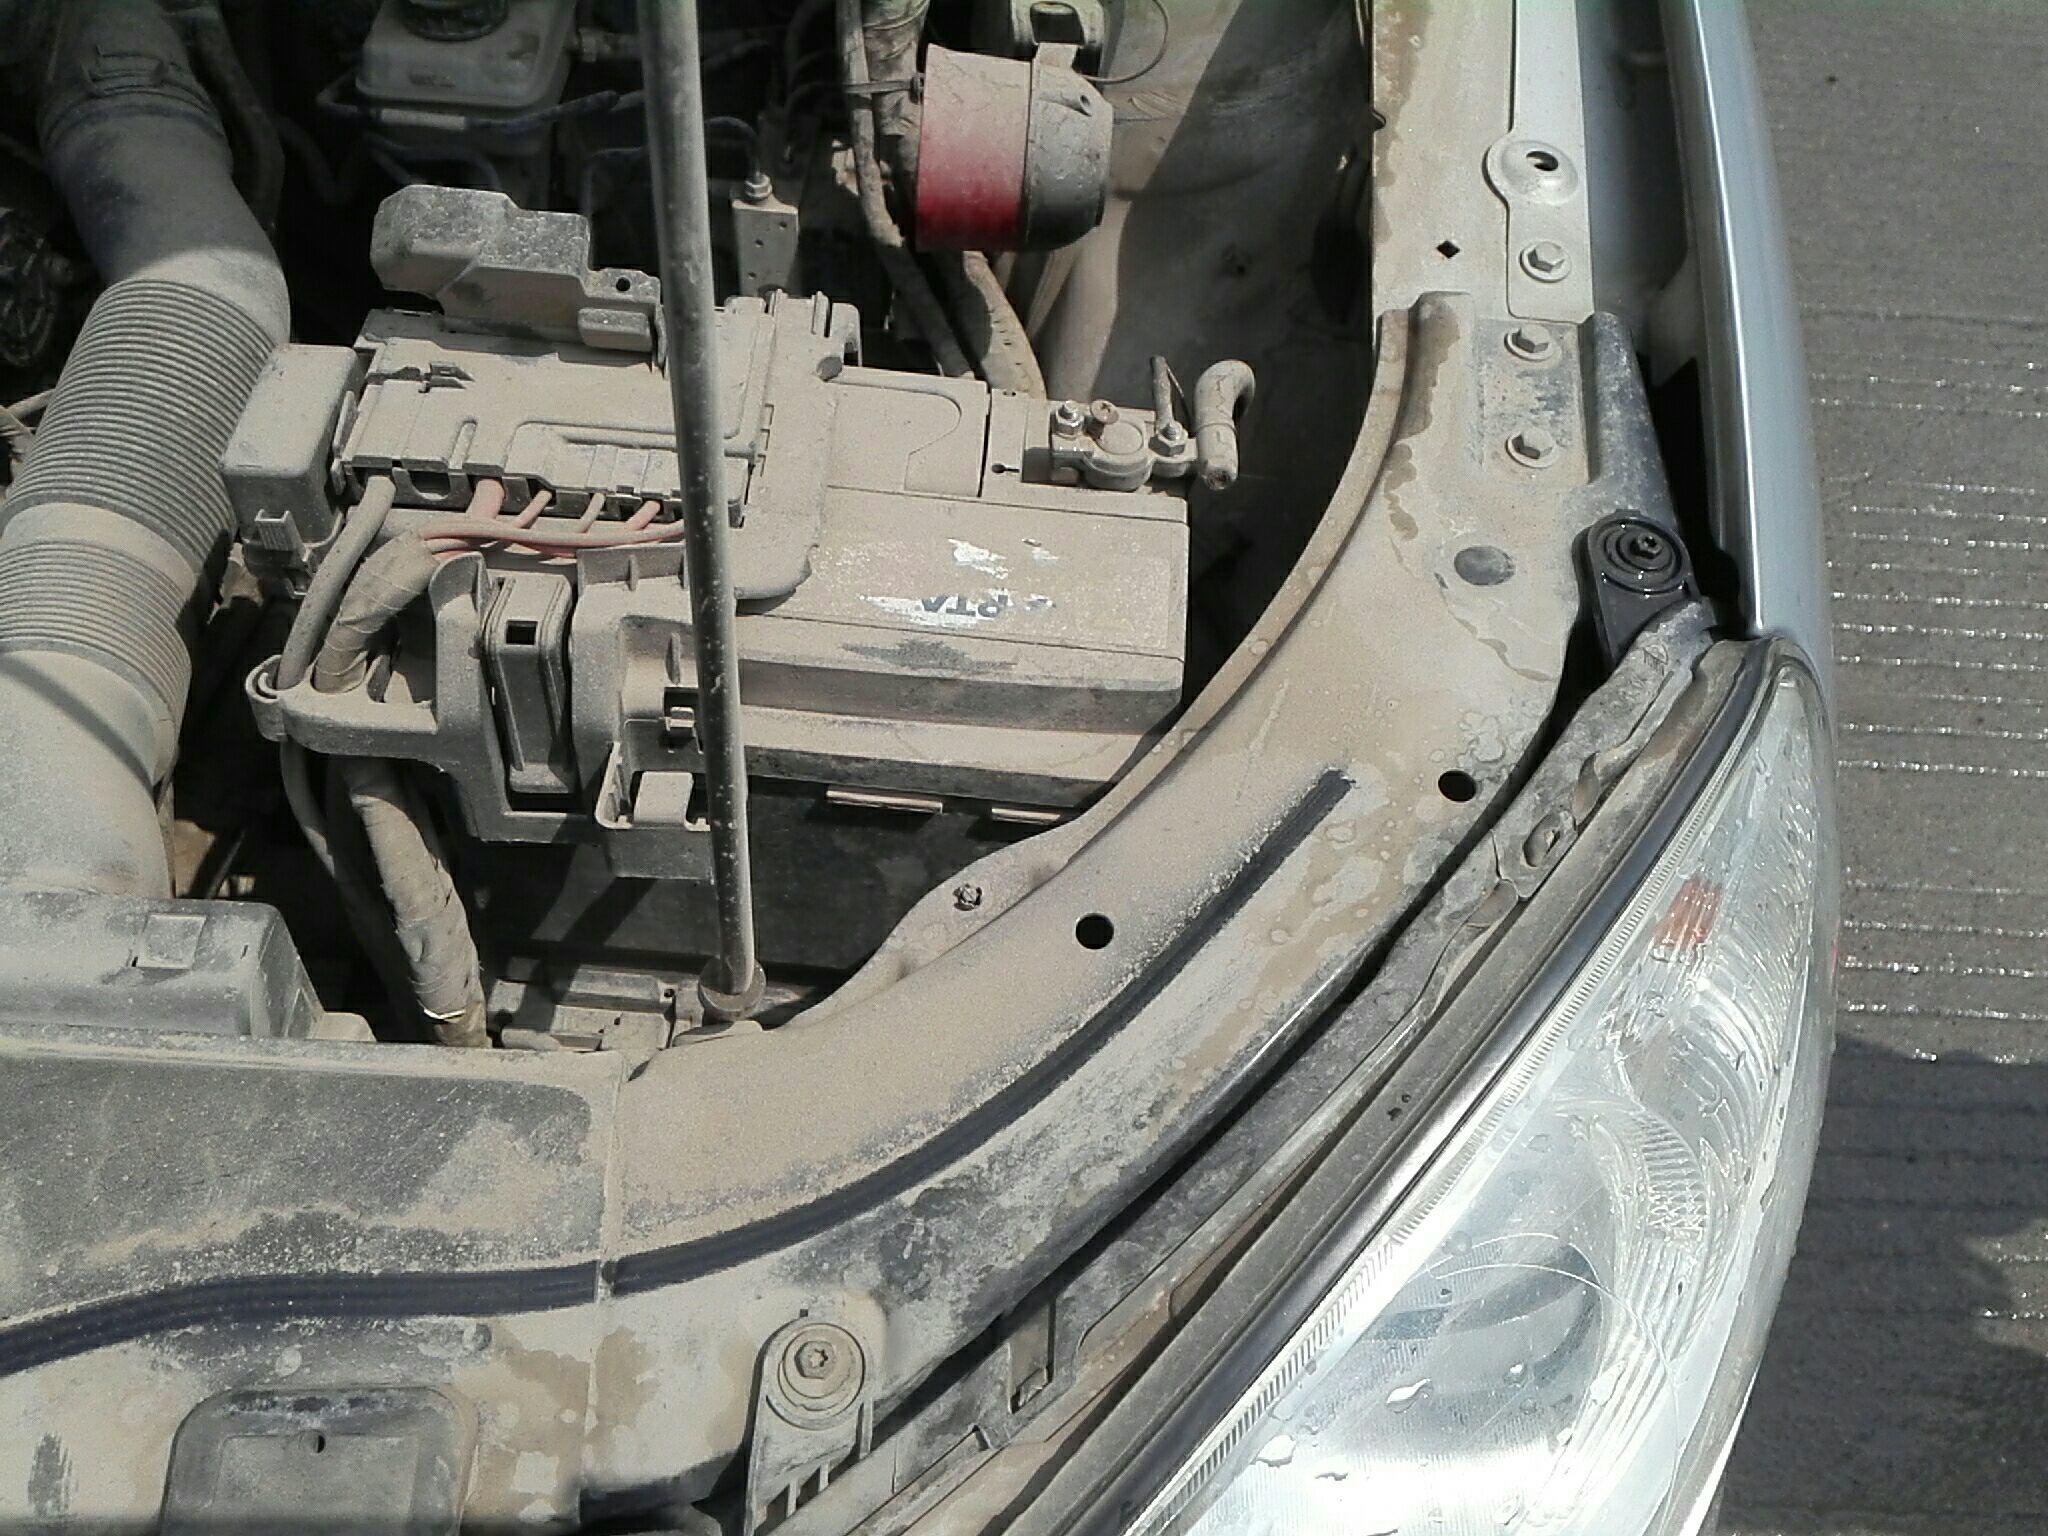 新乡二手大众朗逸 > 大众朗逸 2013  车头轻微的碰撞会导致水箱框架